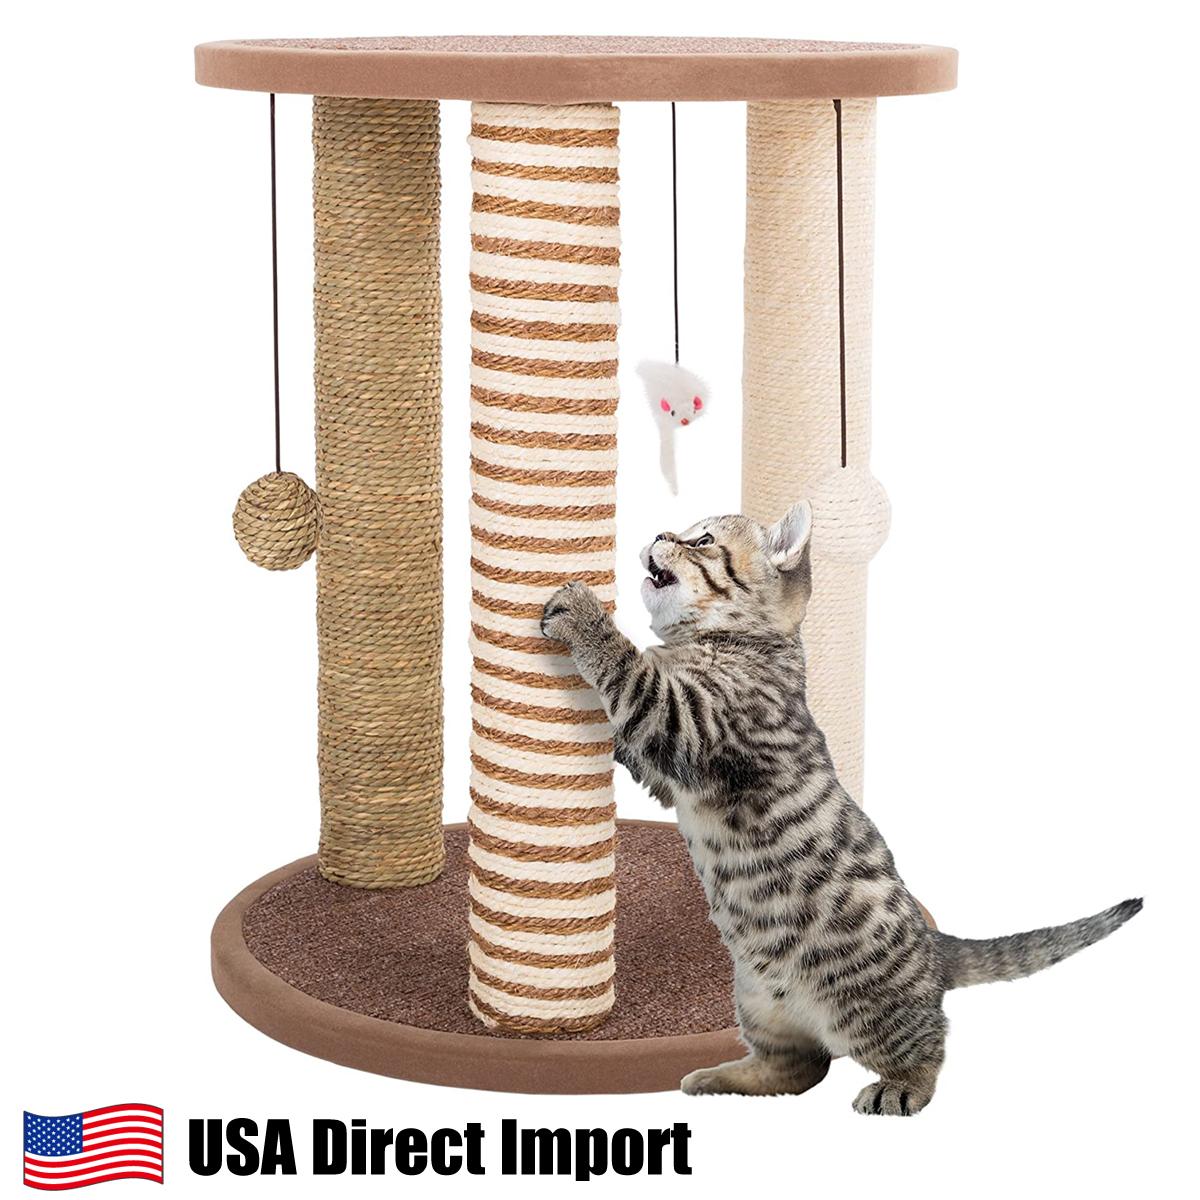 期間限定送料無料 アメリカ直輸入 Tan and Cream 3 Pole Cat Scratching Post with Perch 猫用品 猫 PETMAKER ねこじゃらし 遊具 おもちゃ ペット用品 コンパクト キャットタワー 割引 スクラッチ 爪とぎ